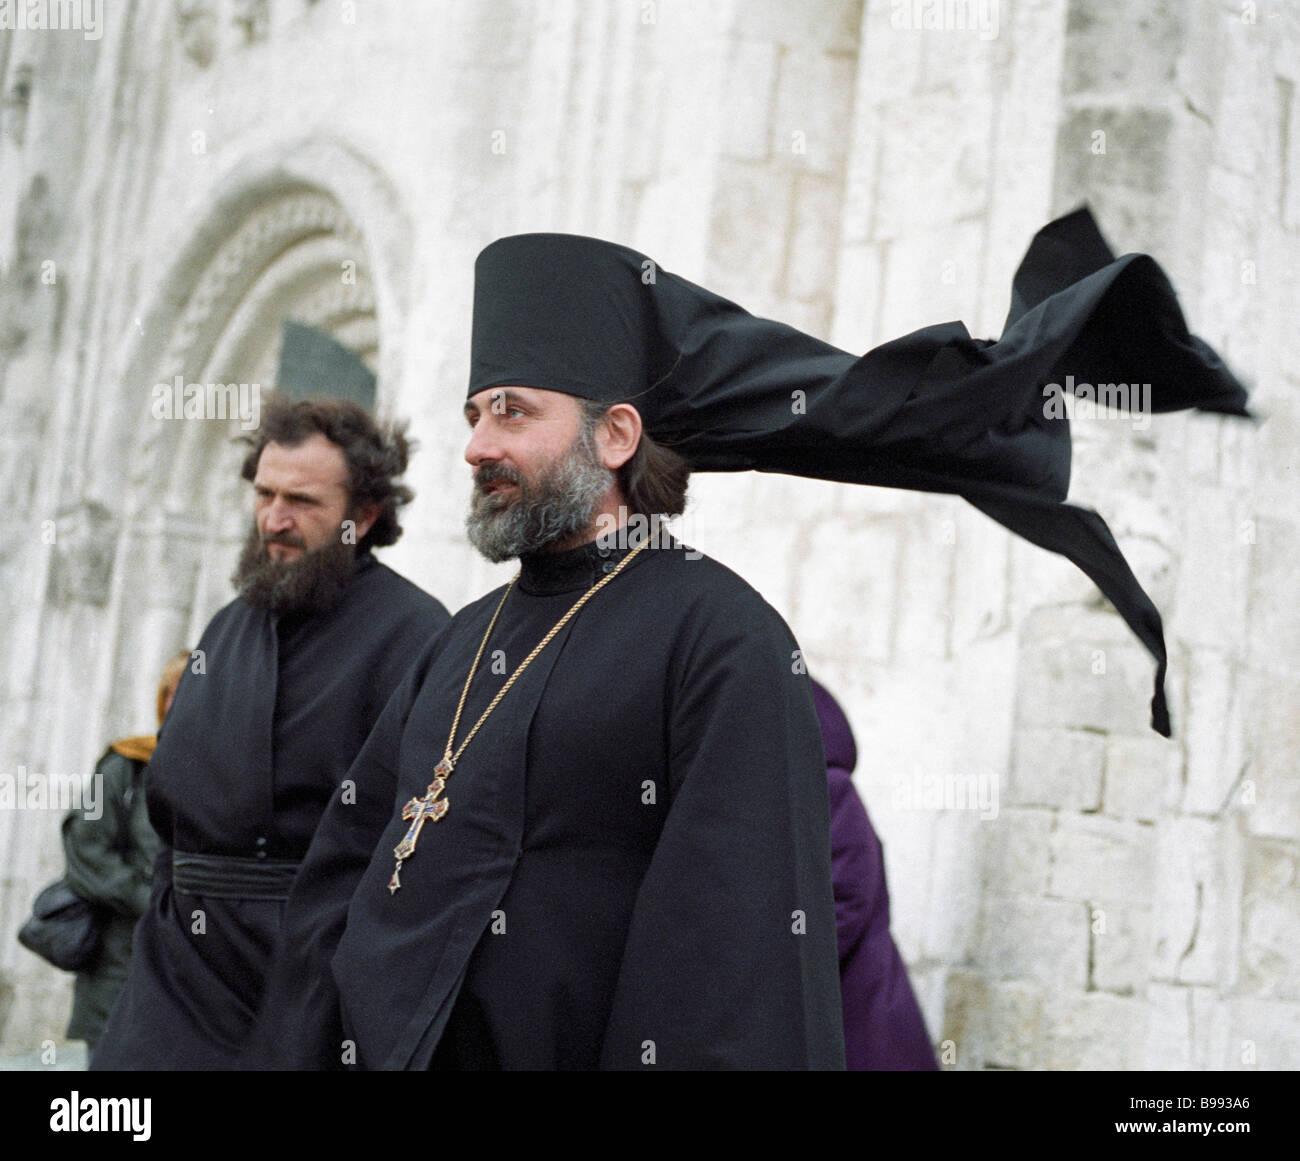 L'Archimandrite Hieronymus droit recteur de l'église de l'Intercession sur la Nerl Photo Stock